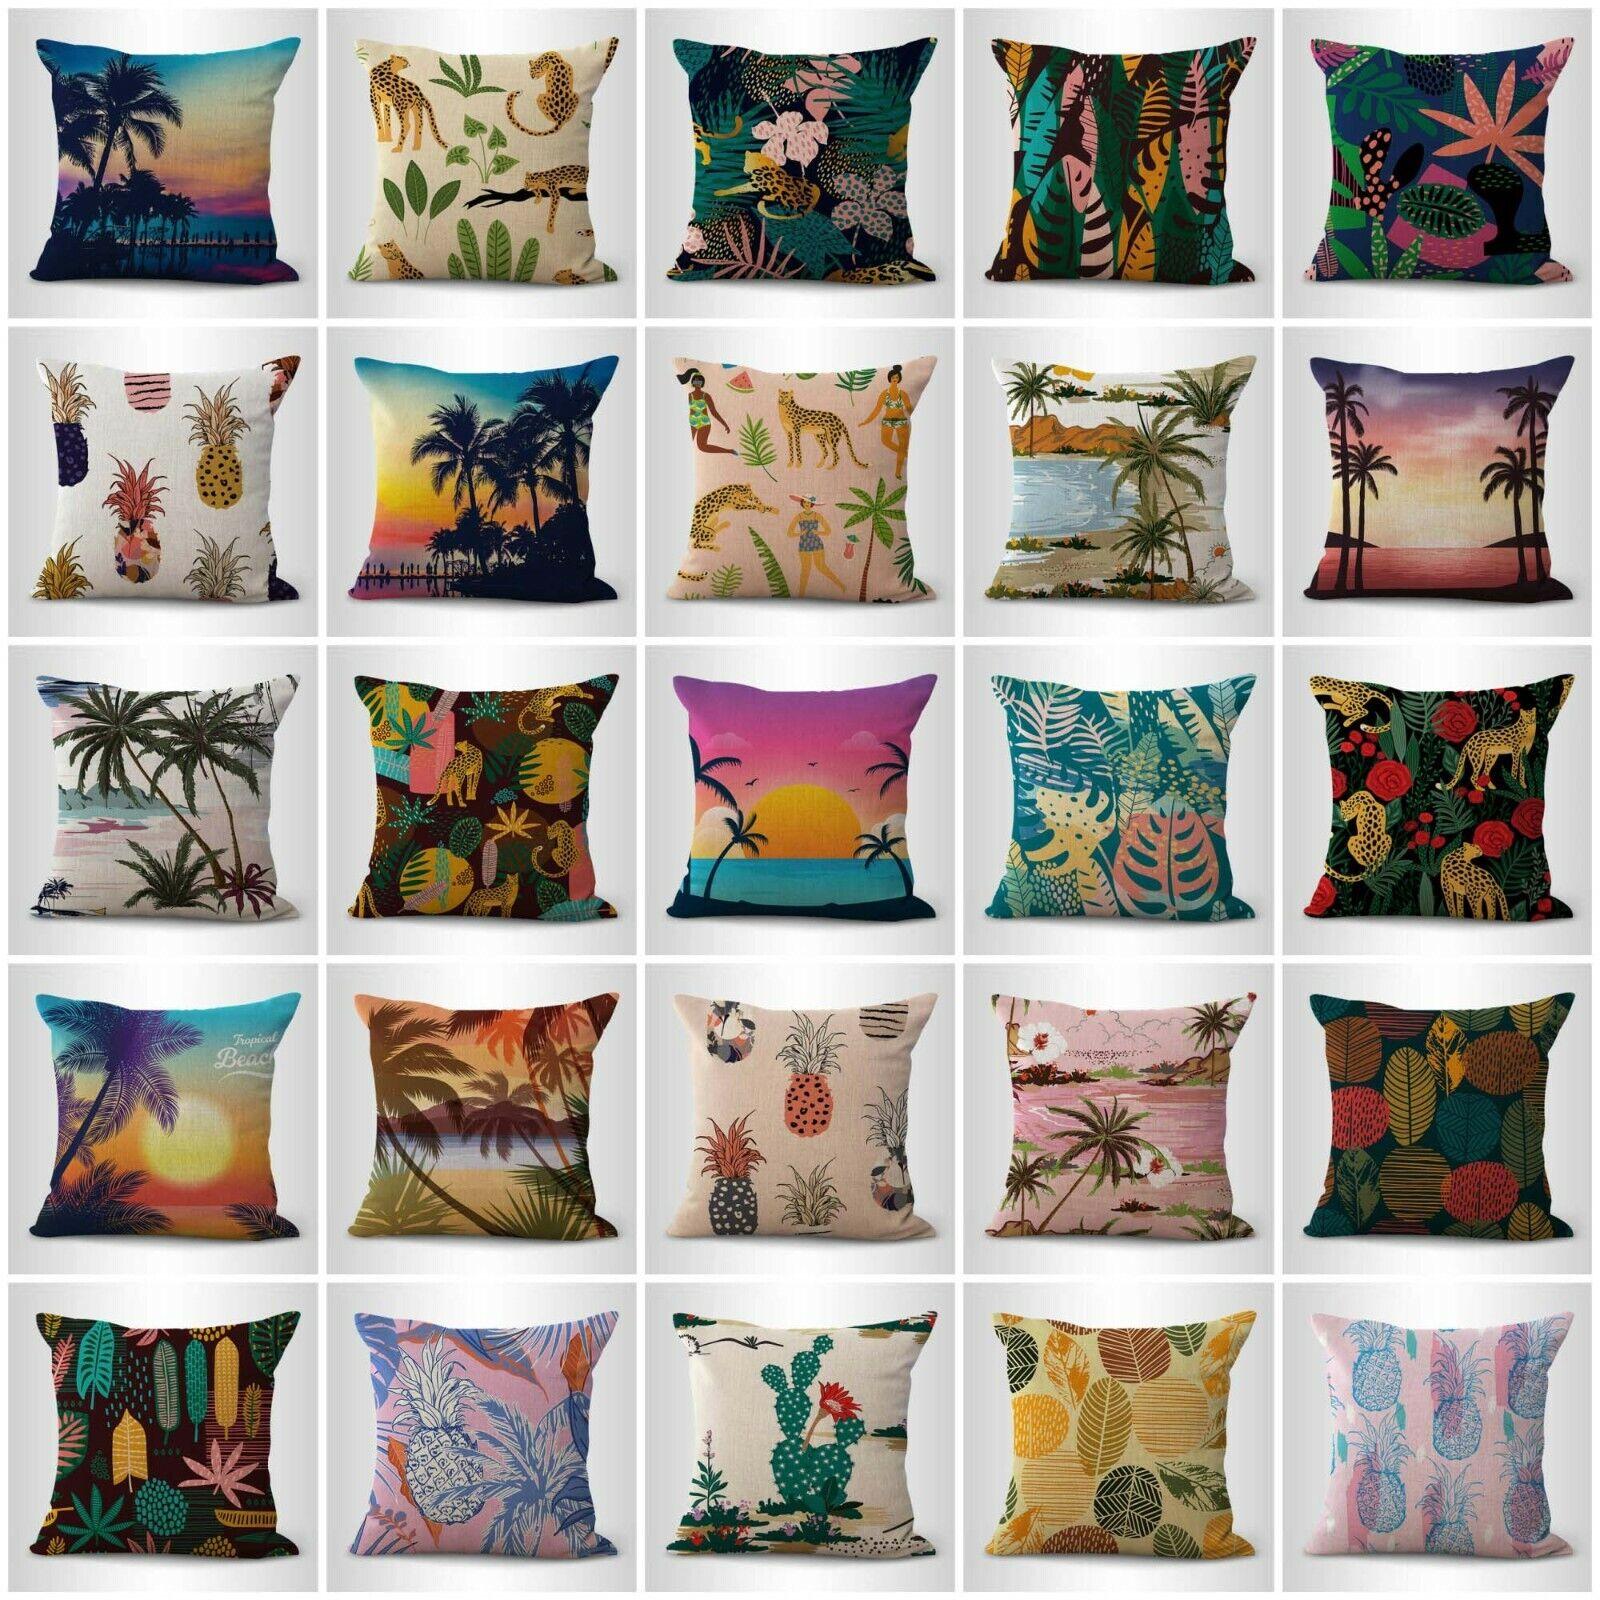 US Vendeur-Set de 20 Intérieur Canapé Summer Island Aloha Jungle housses de coussin